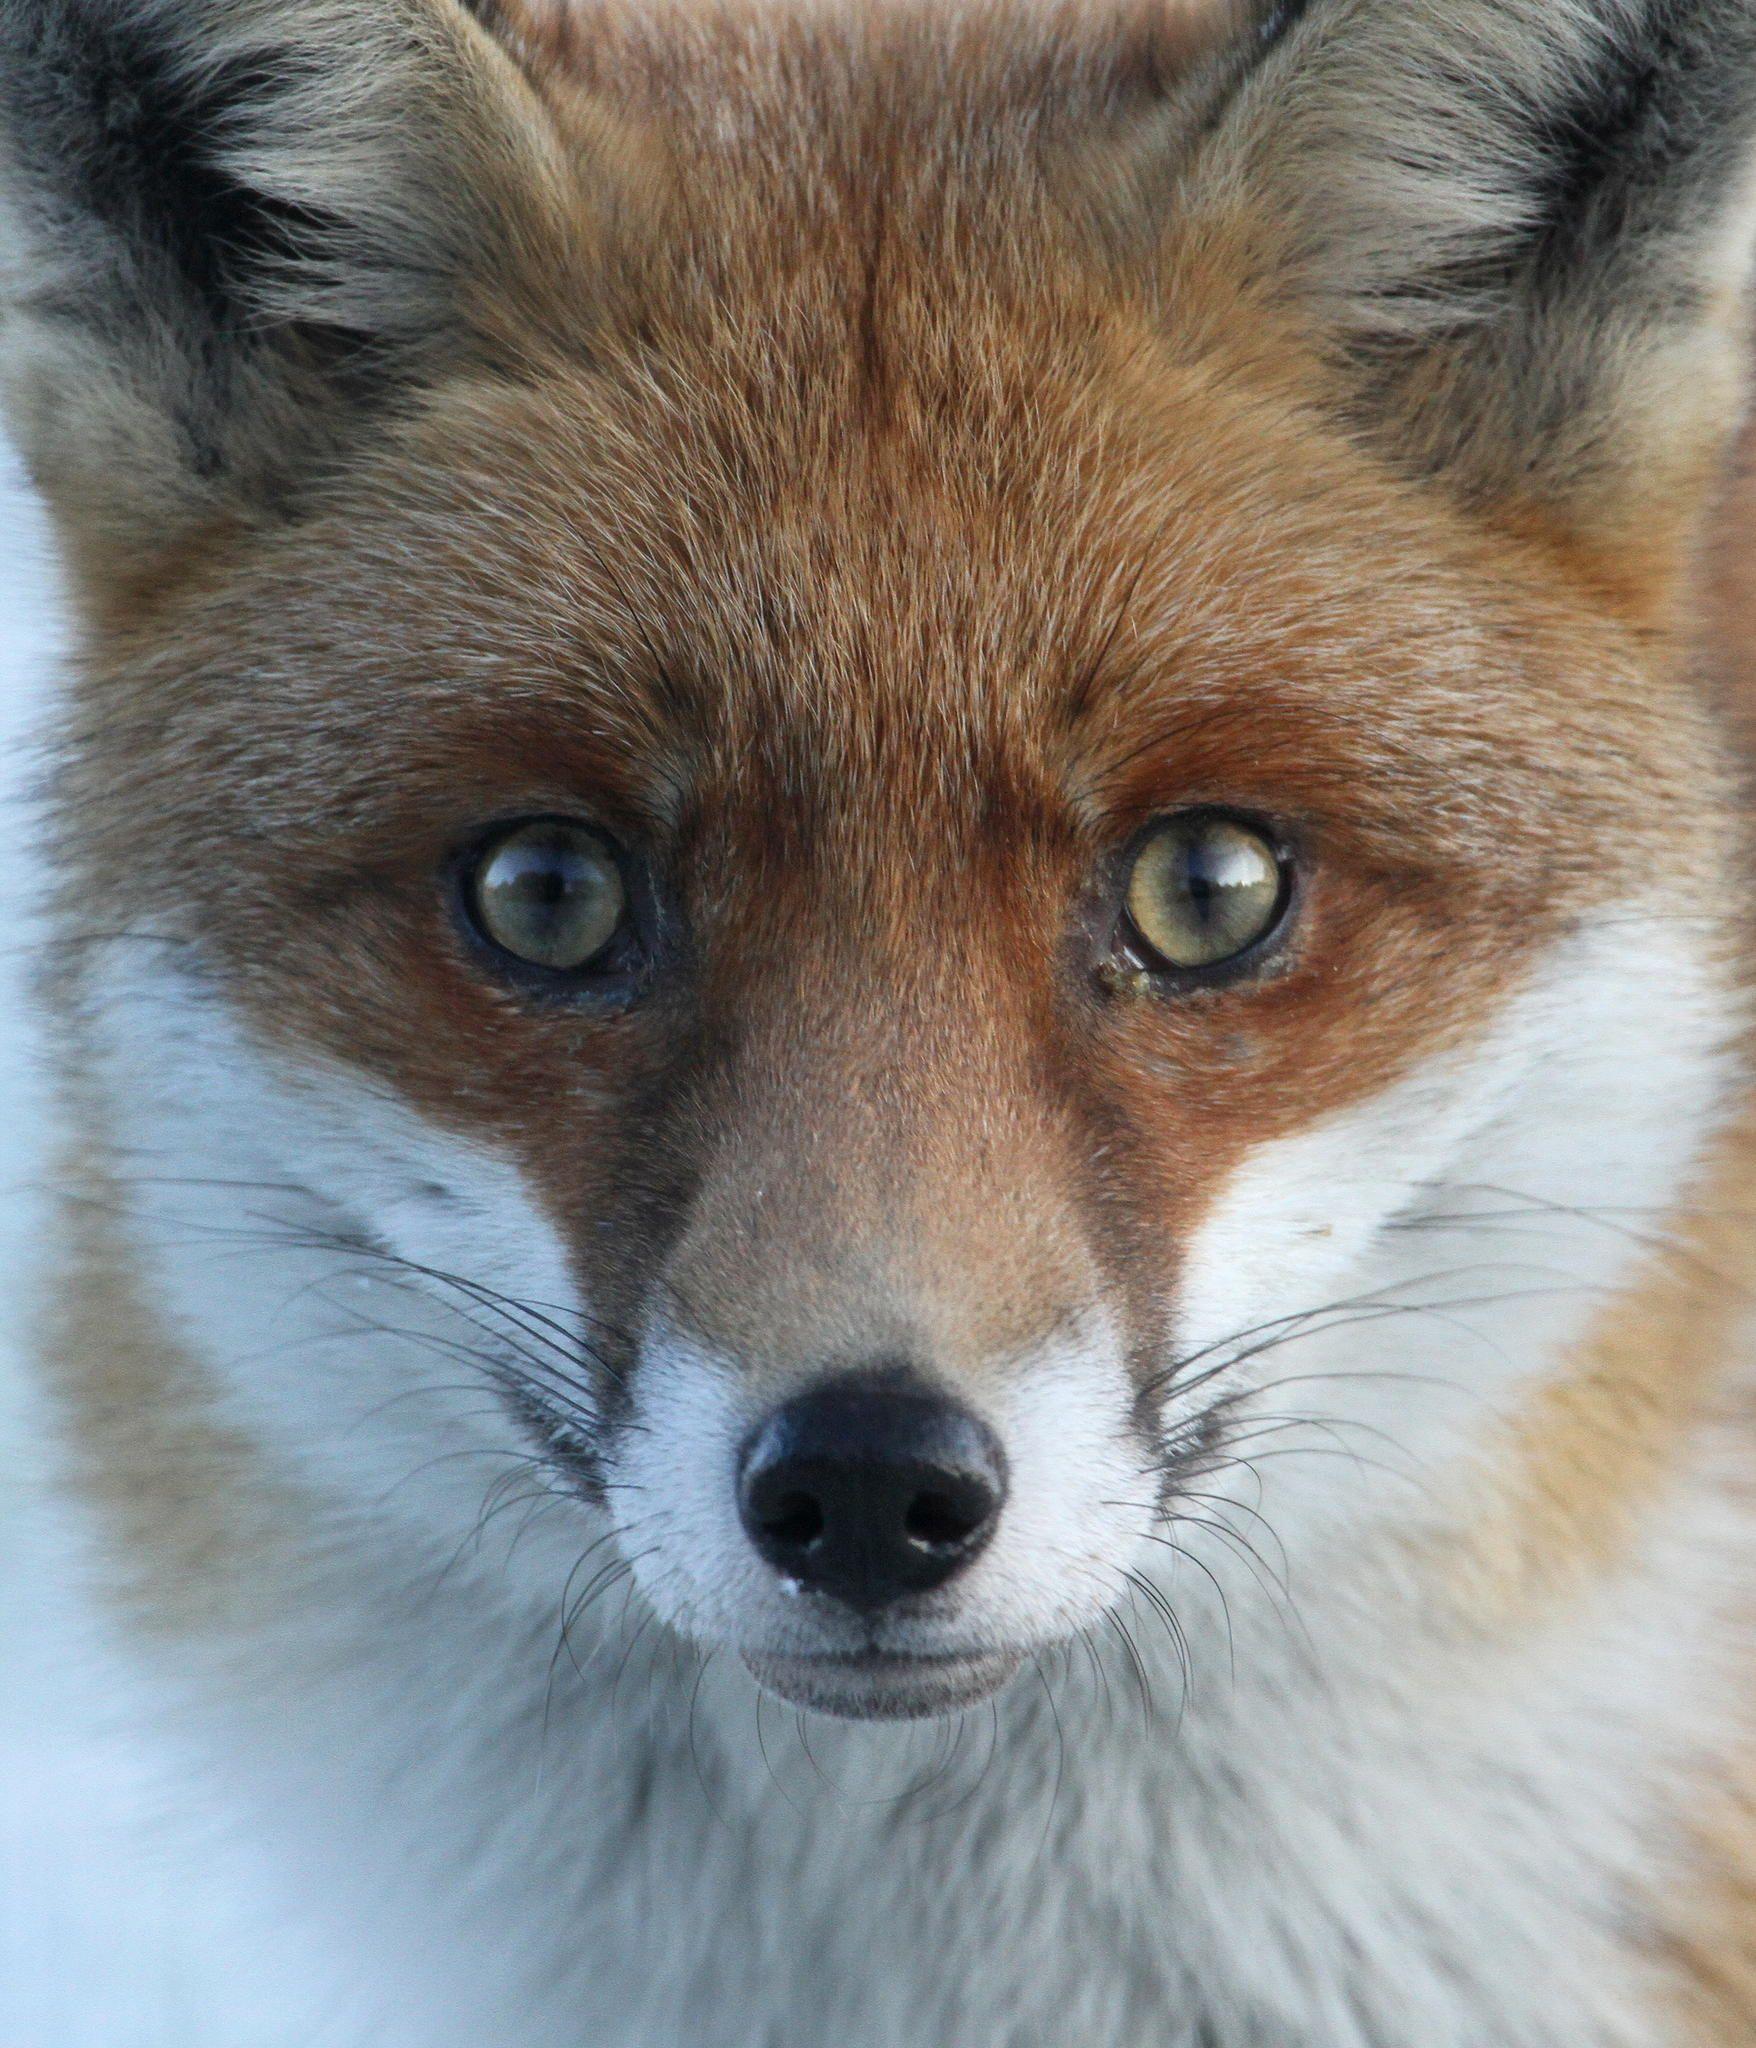 Fox-Face by Dan Belton on 500px